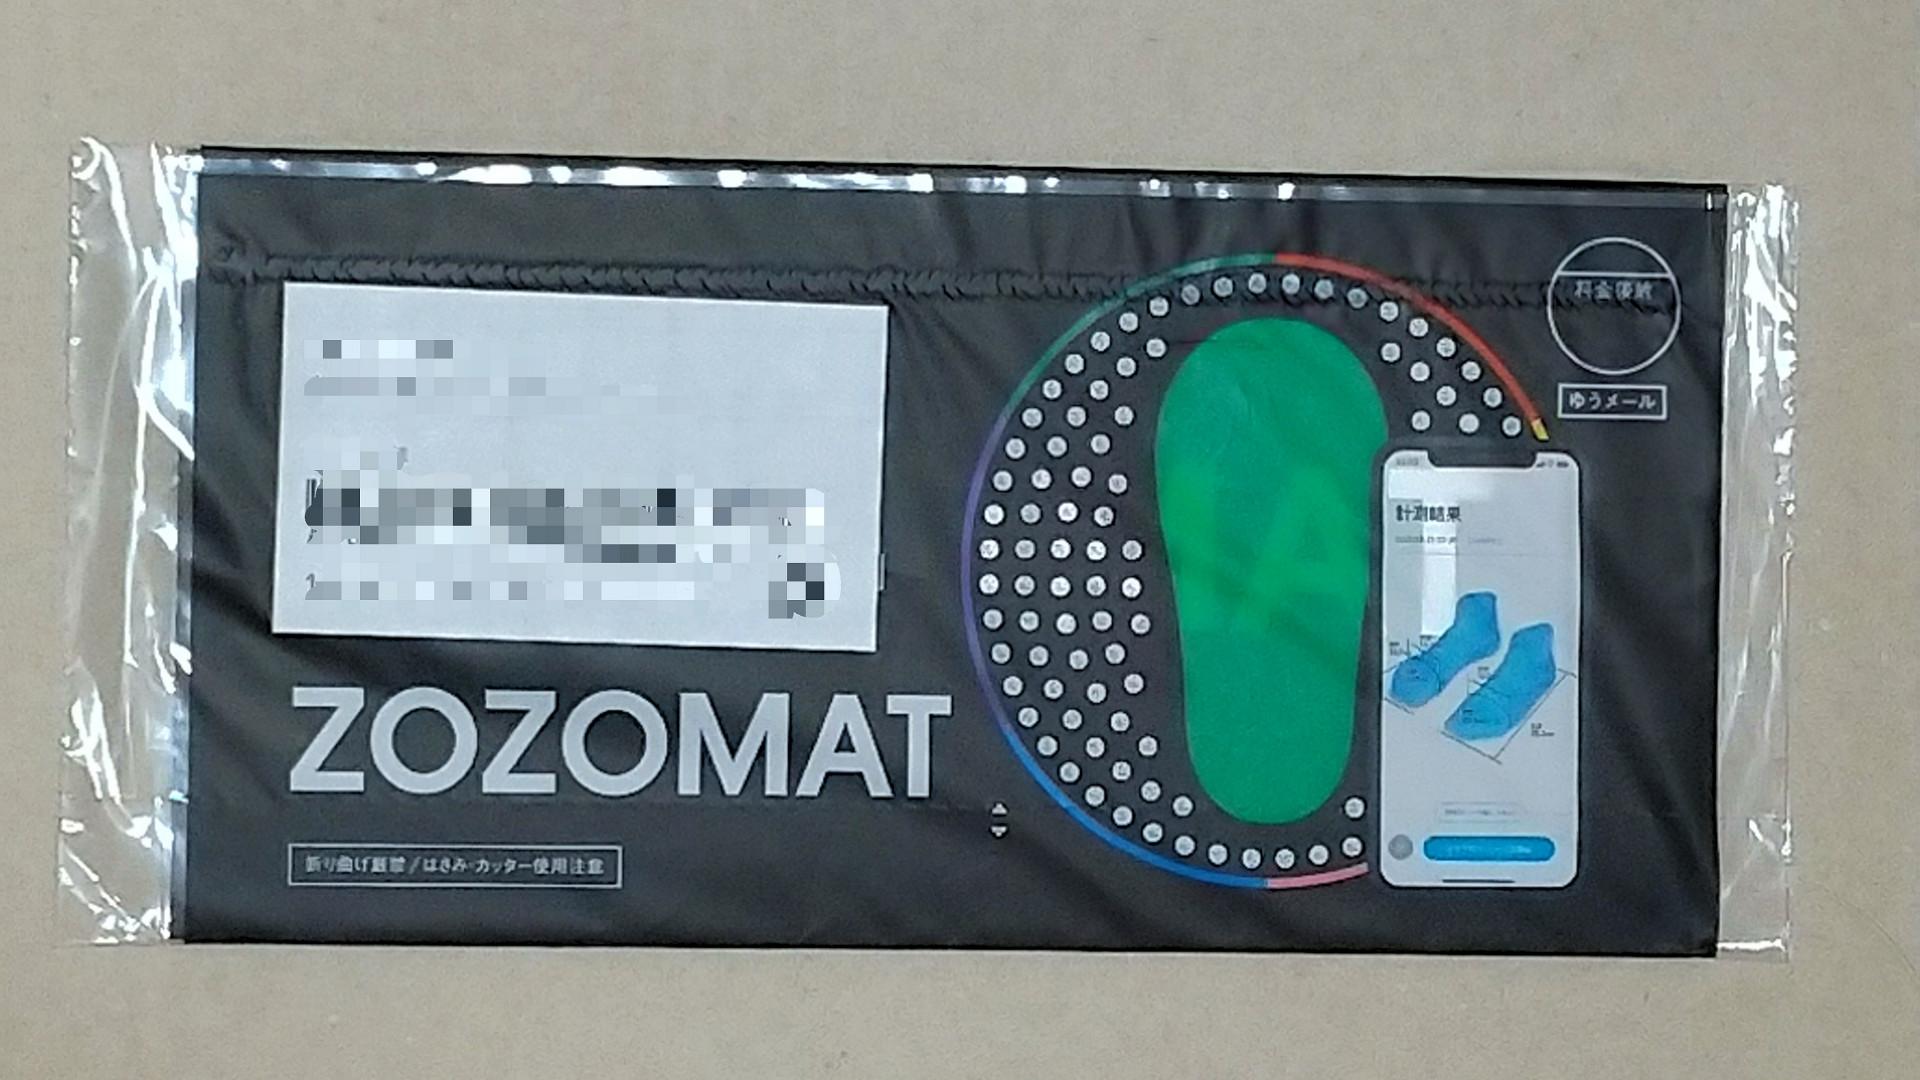 ZOZOMATはゆうメールで届く